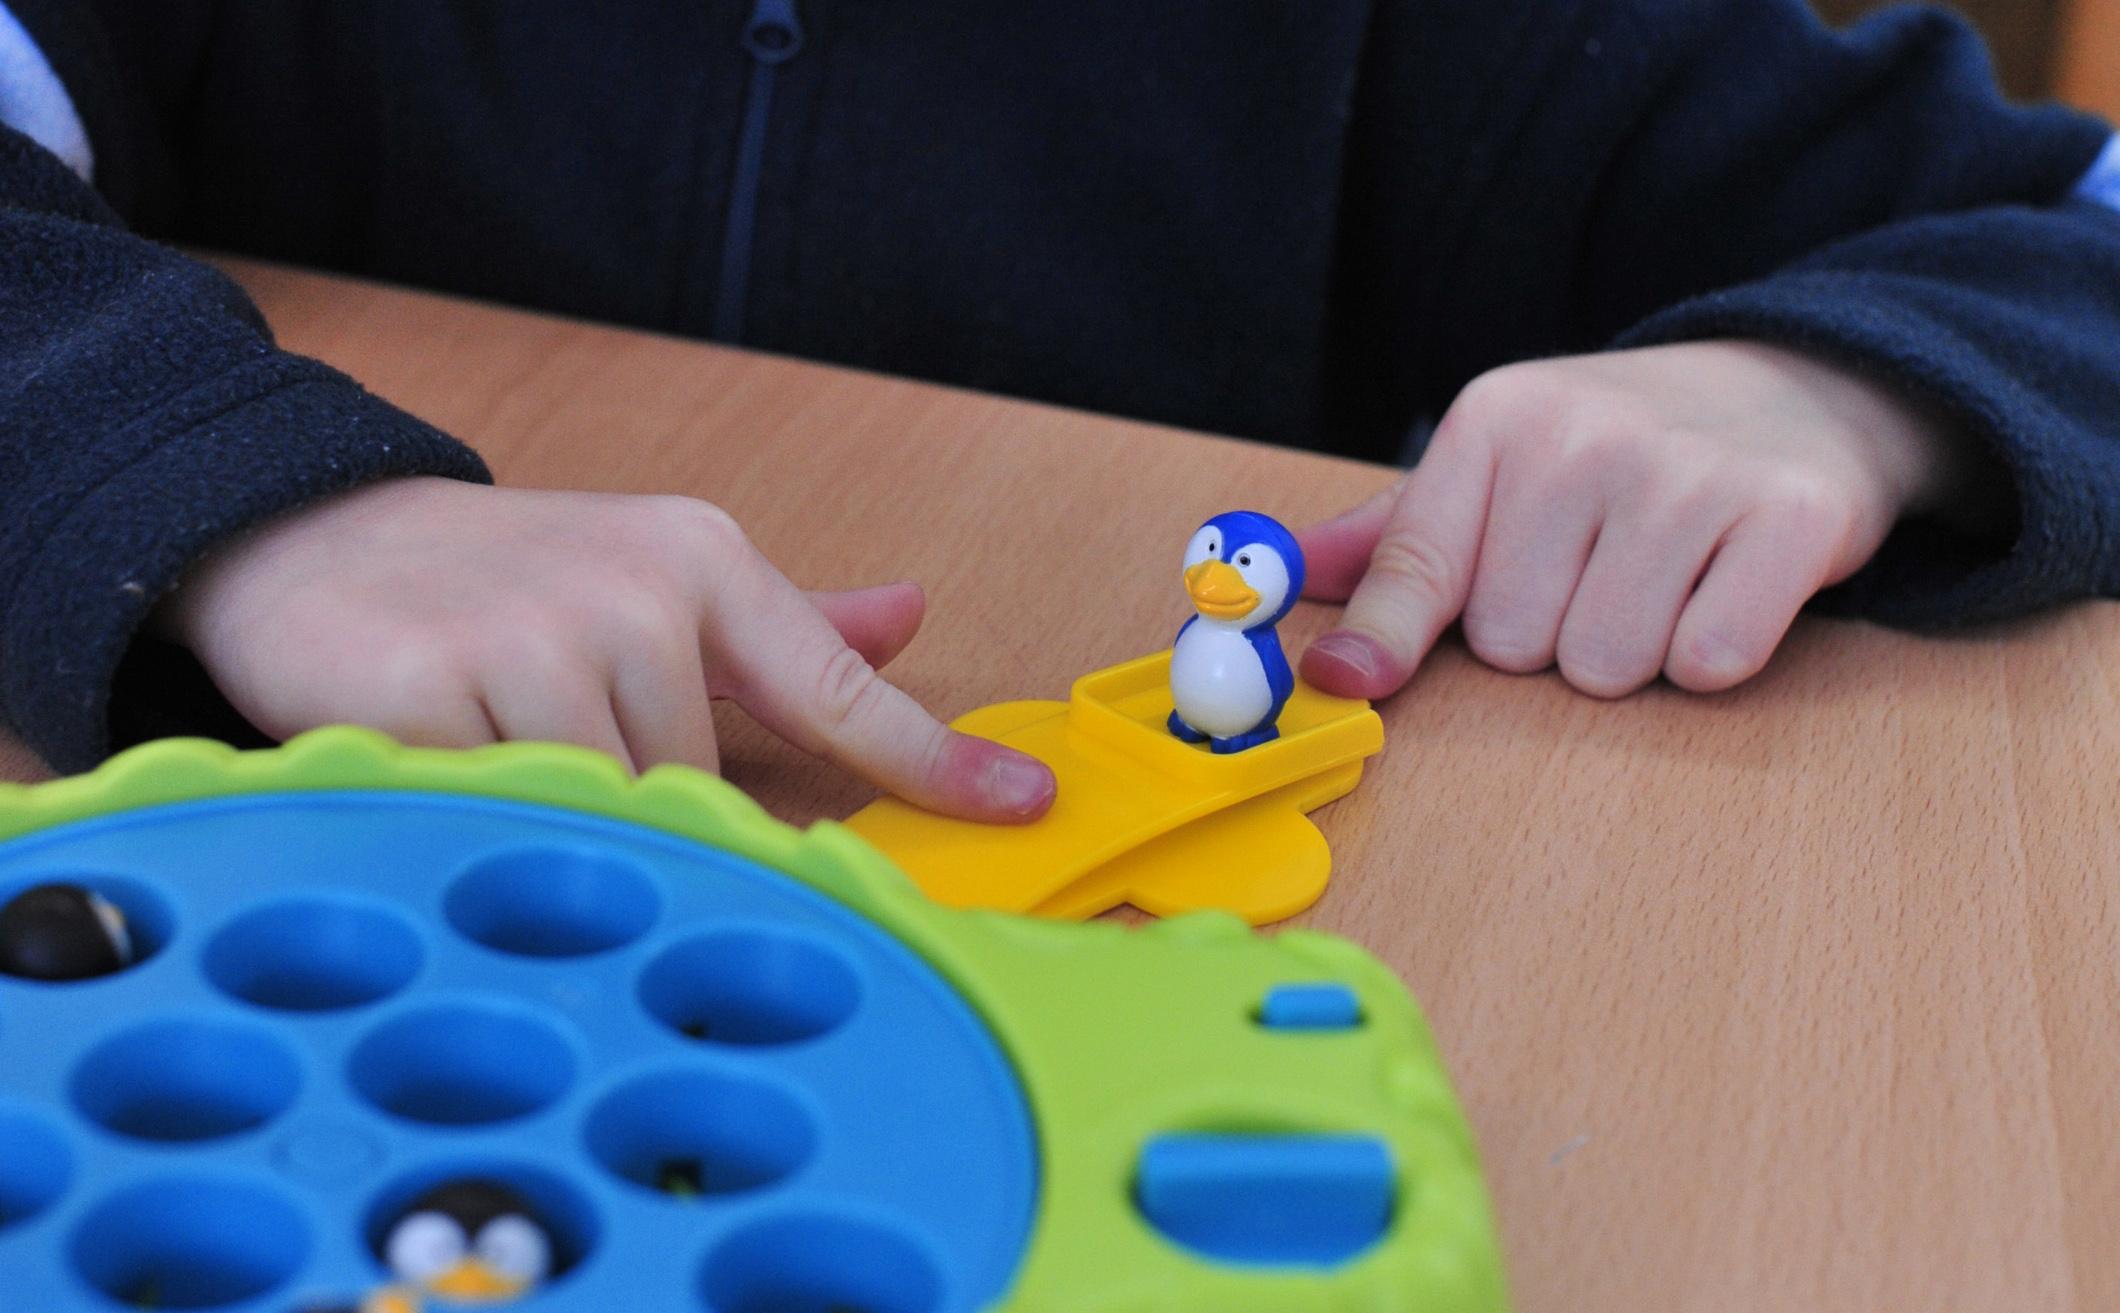 Kinderhände spielen mit einem blauen Pinguin auf einer gelben Plattform